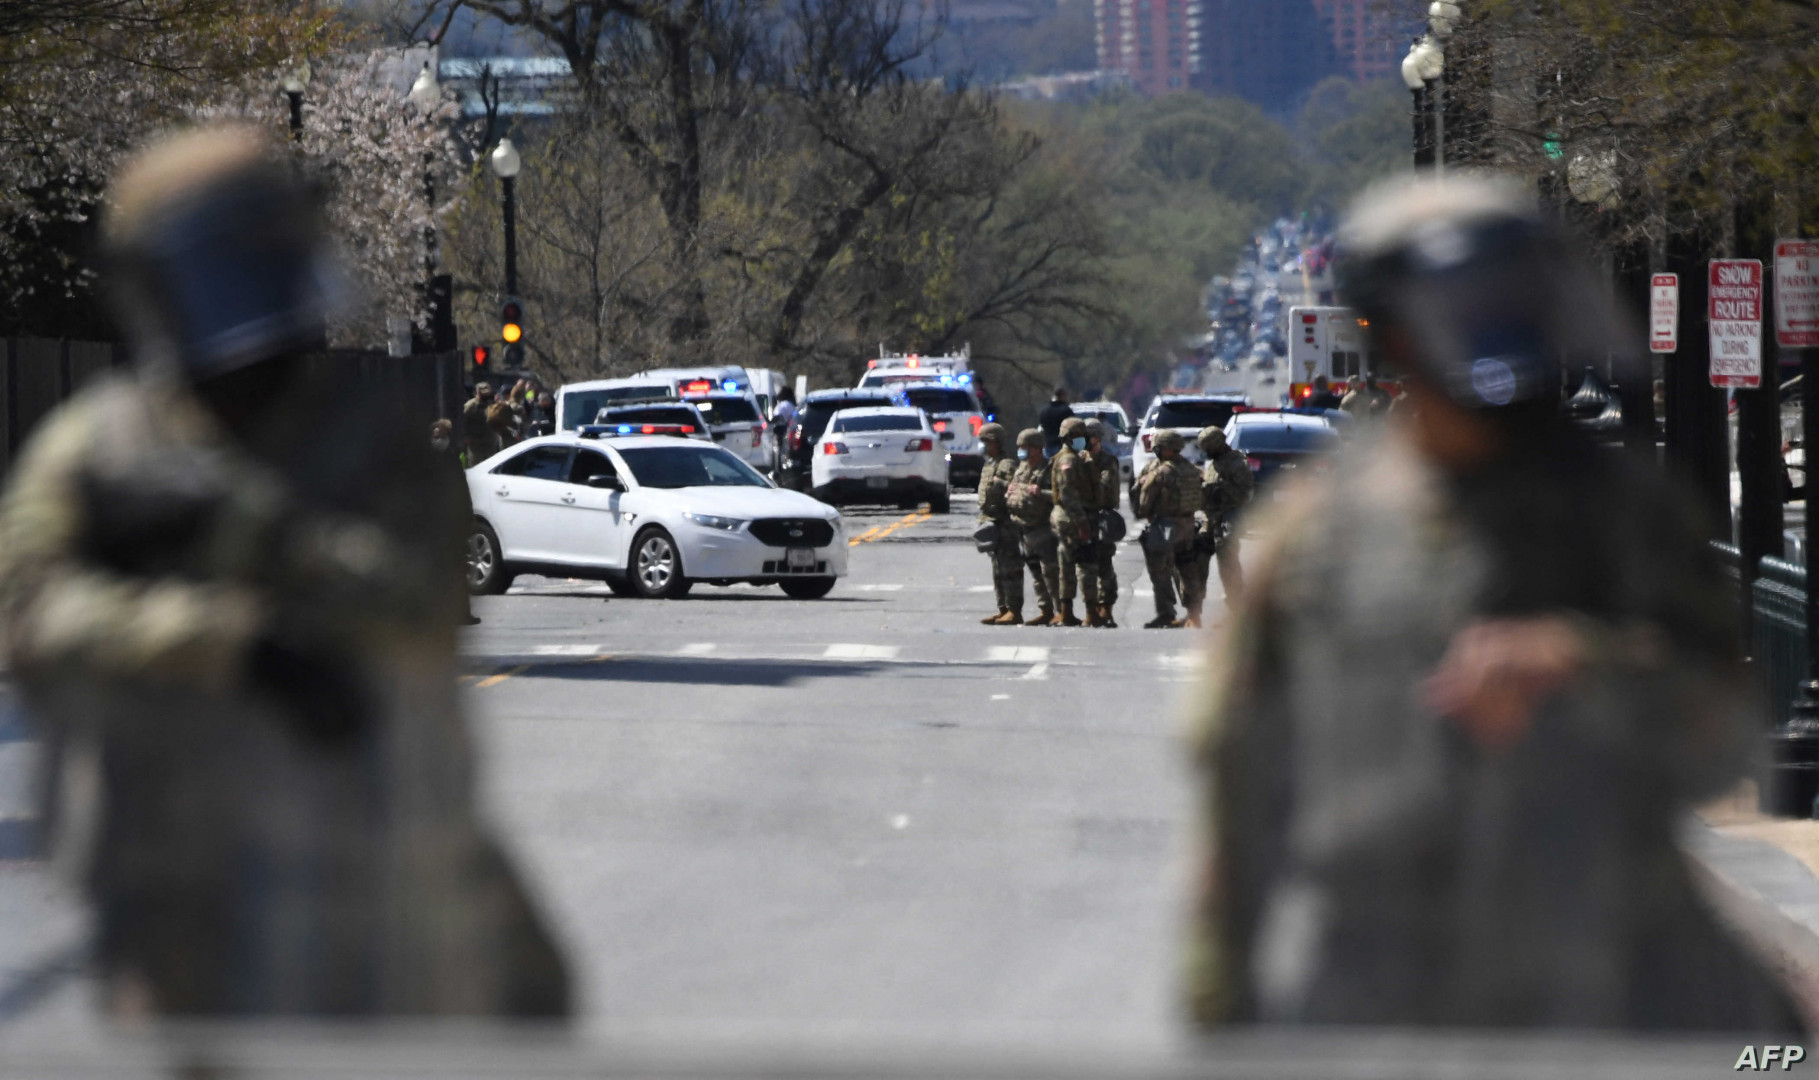 حادث اقتحام الكونغرس ينتهي بمقتل المهاجم وشرطي